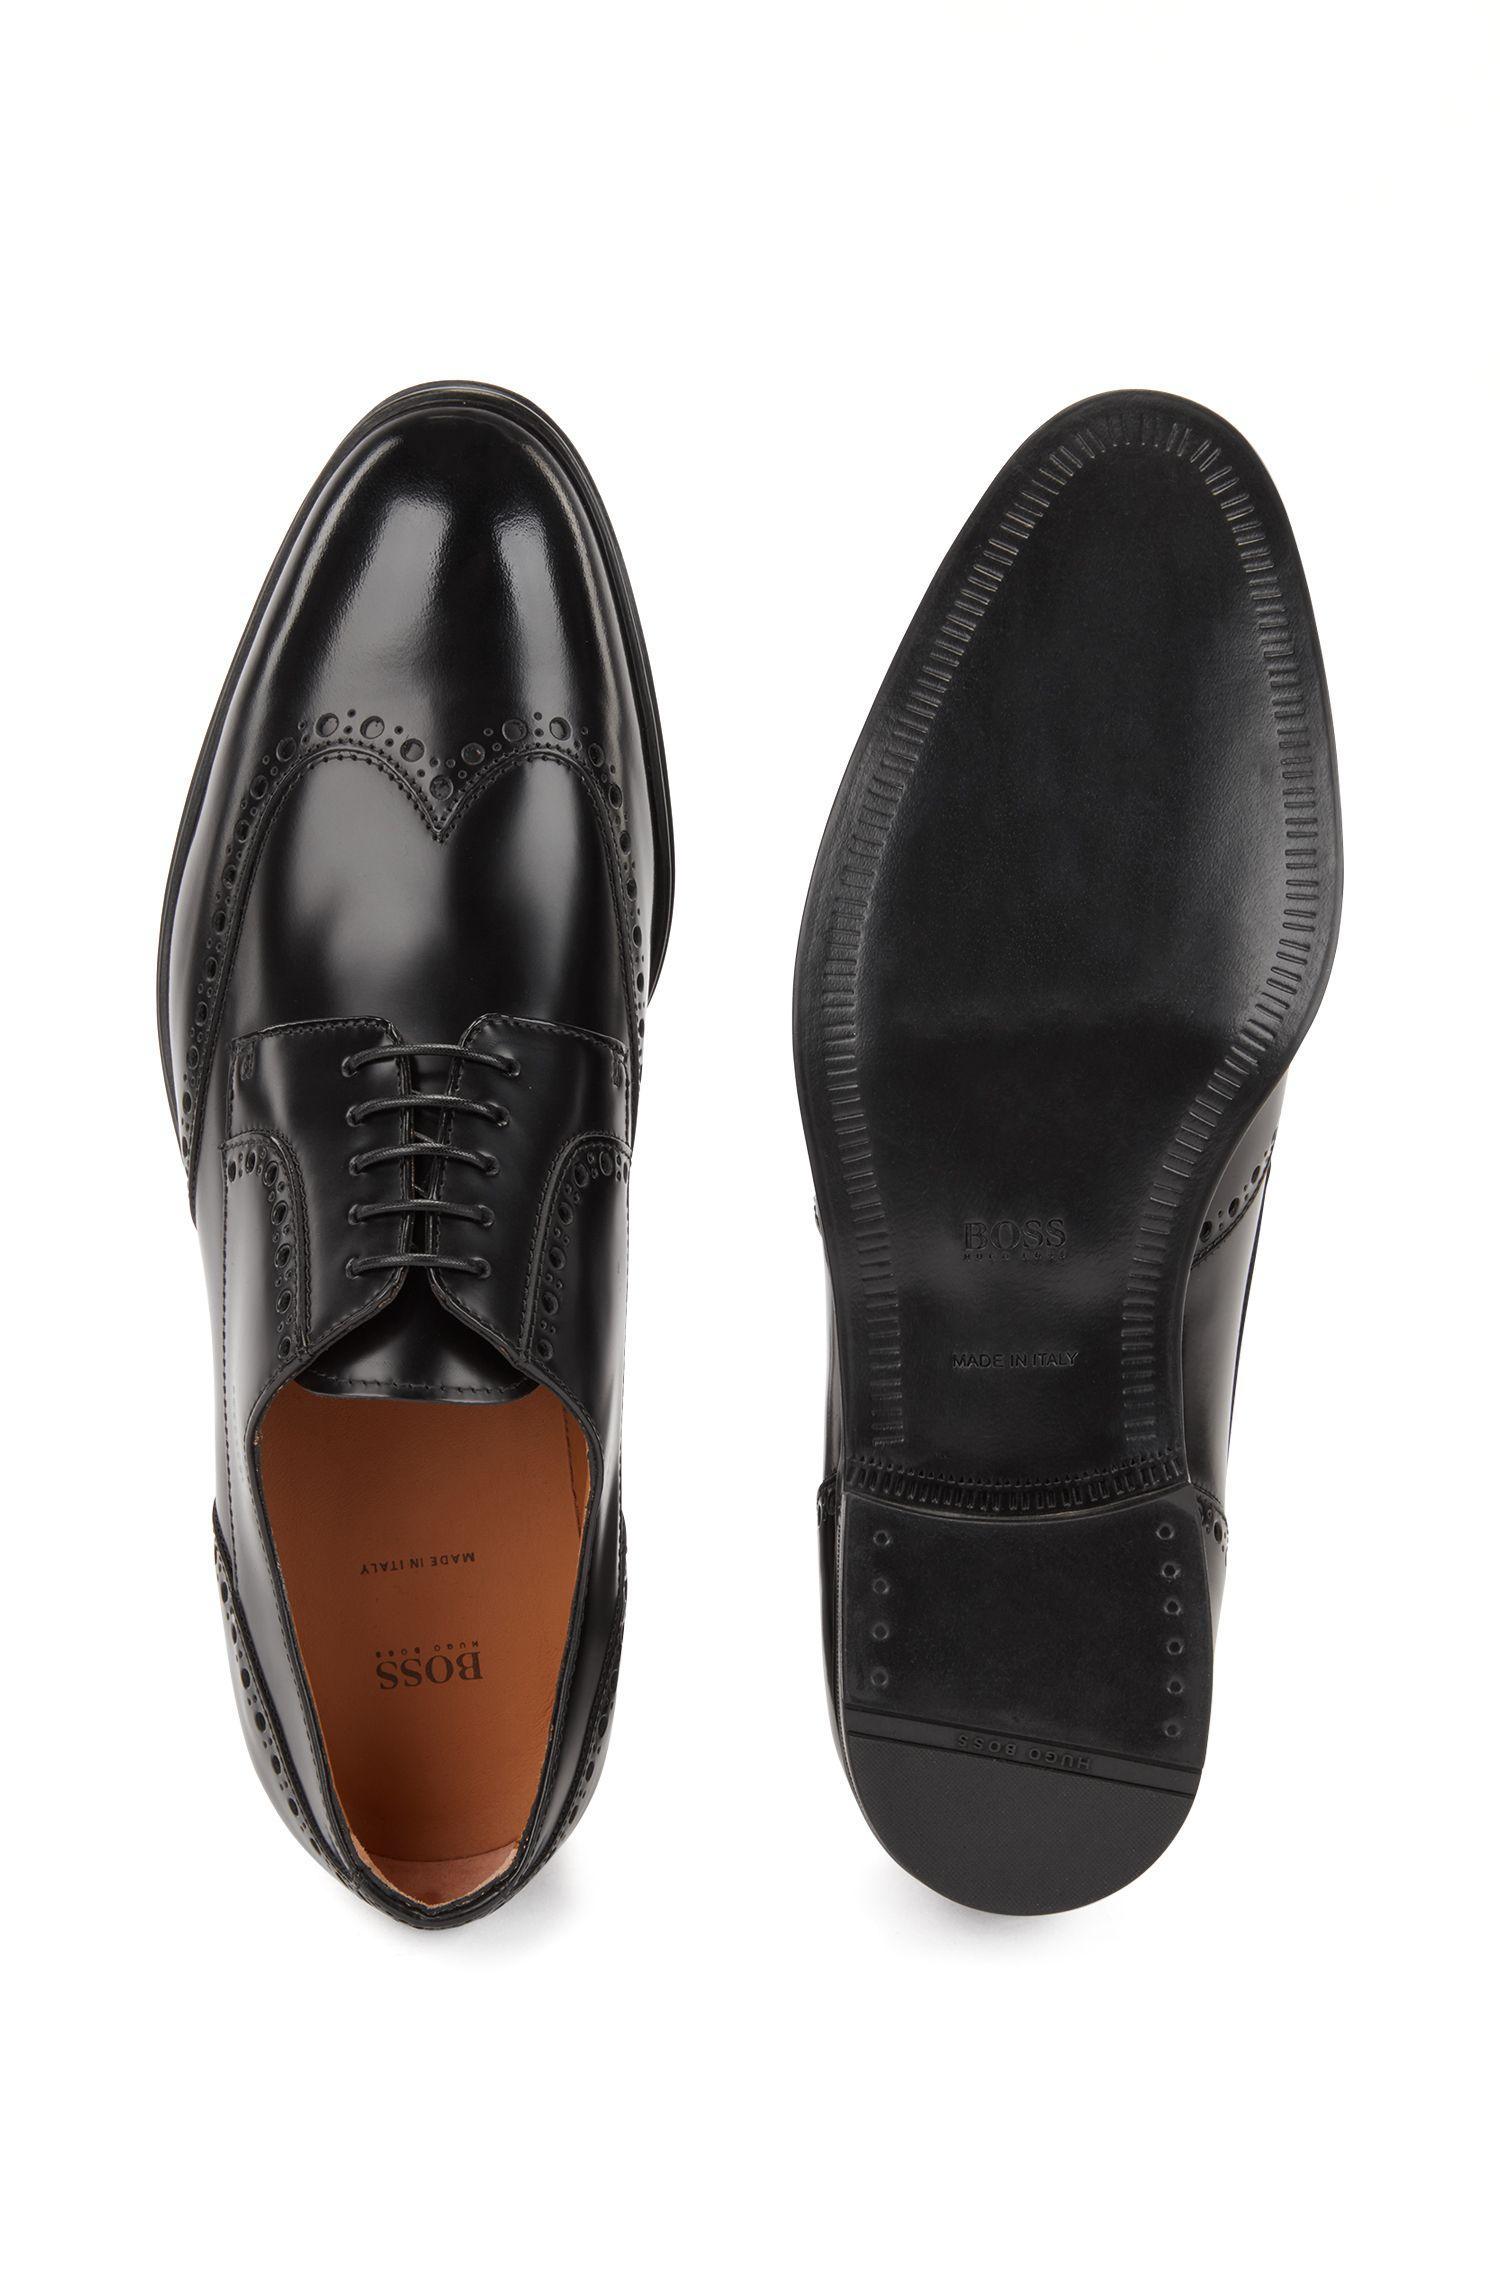 Chaussures derby richelieu en cuir de veau brossé, Noir